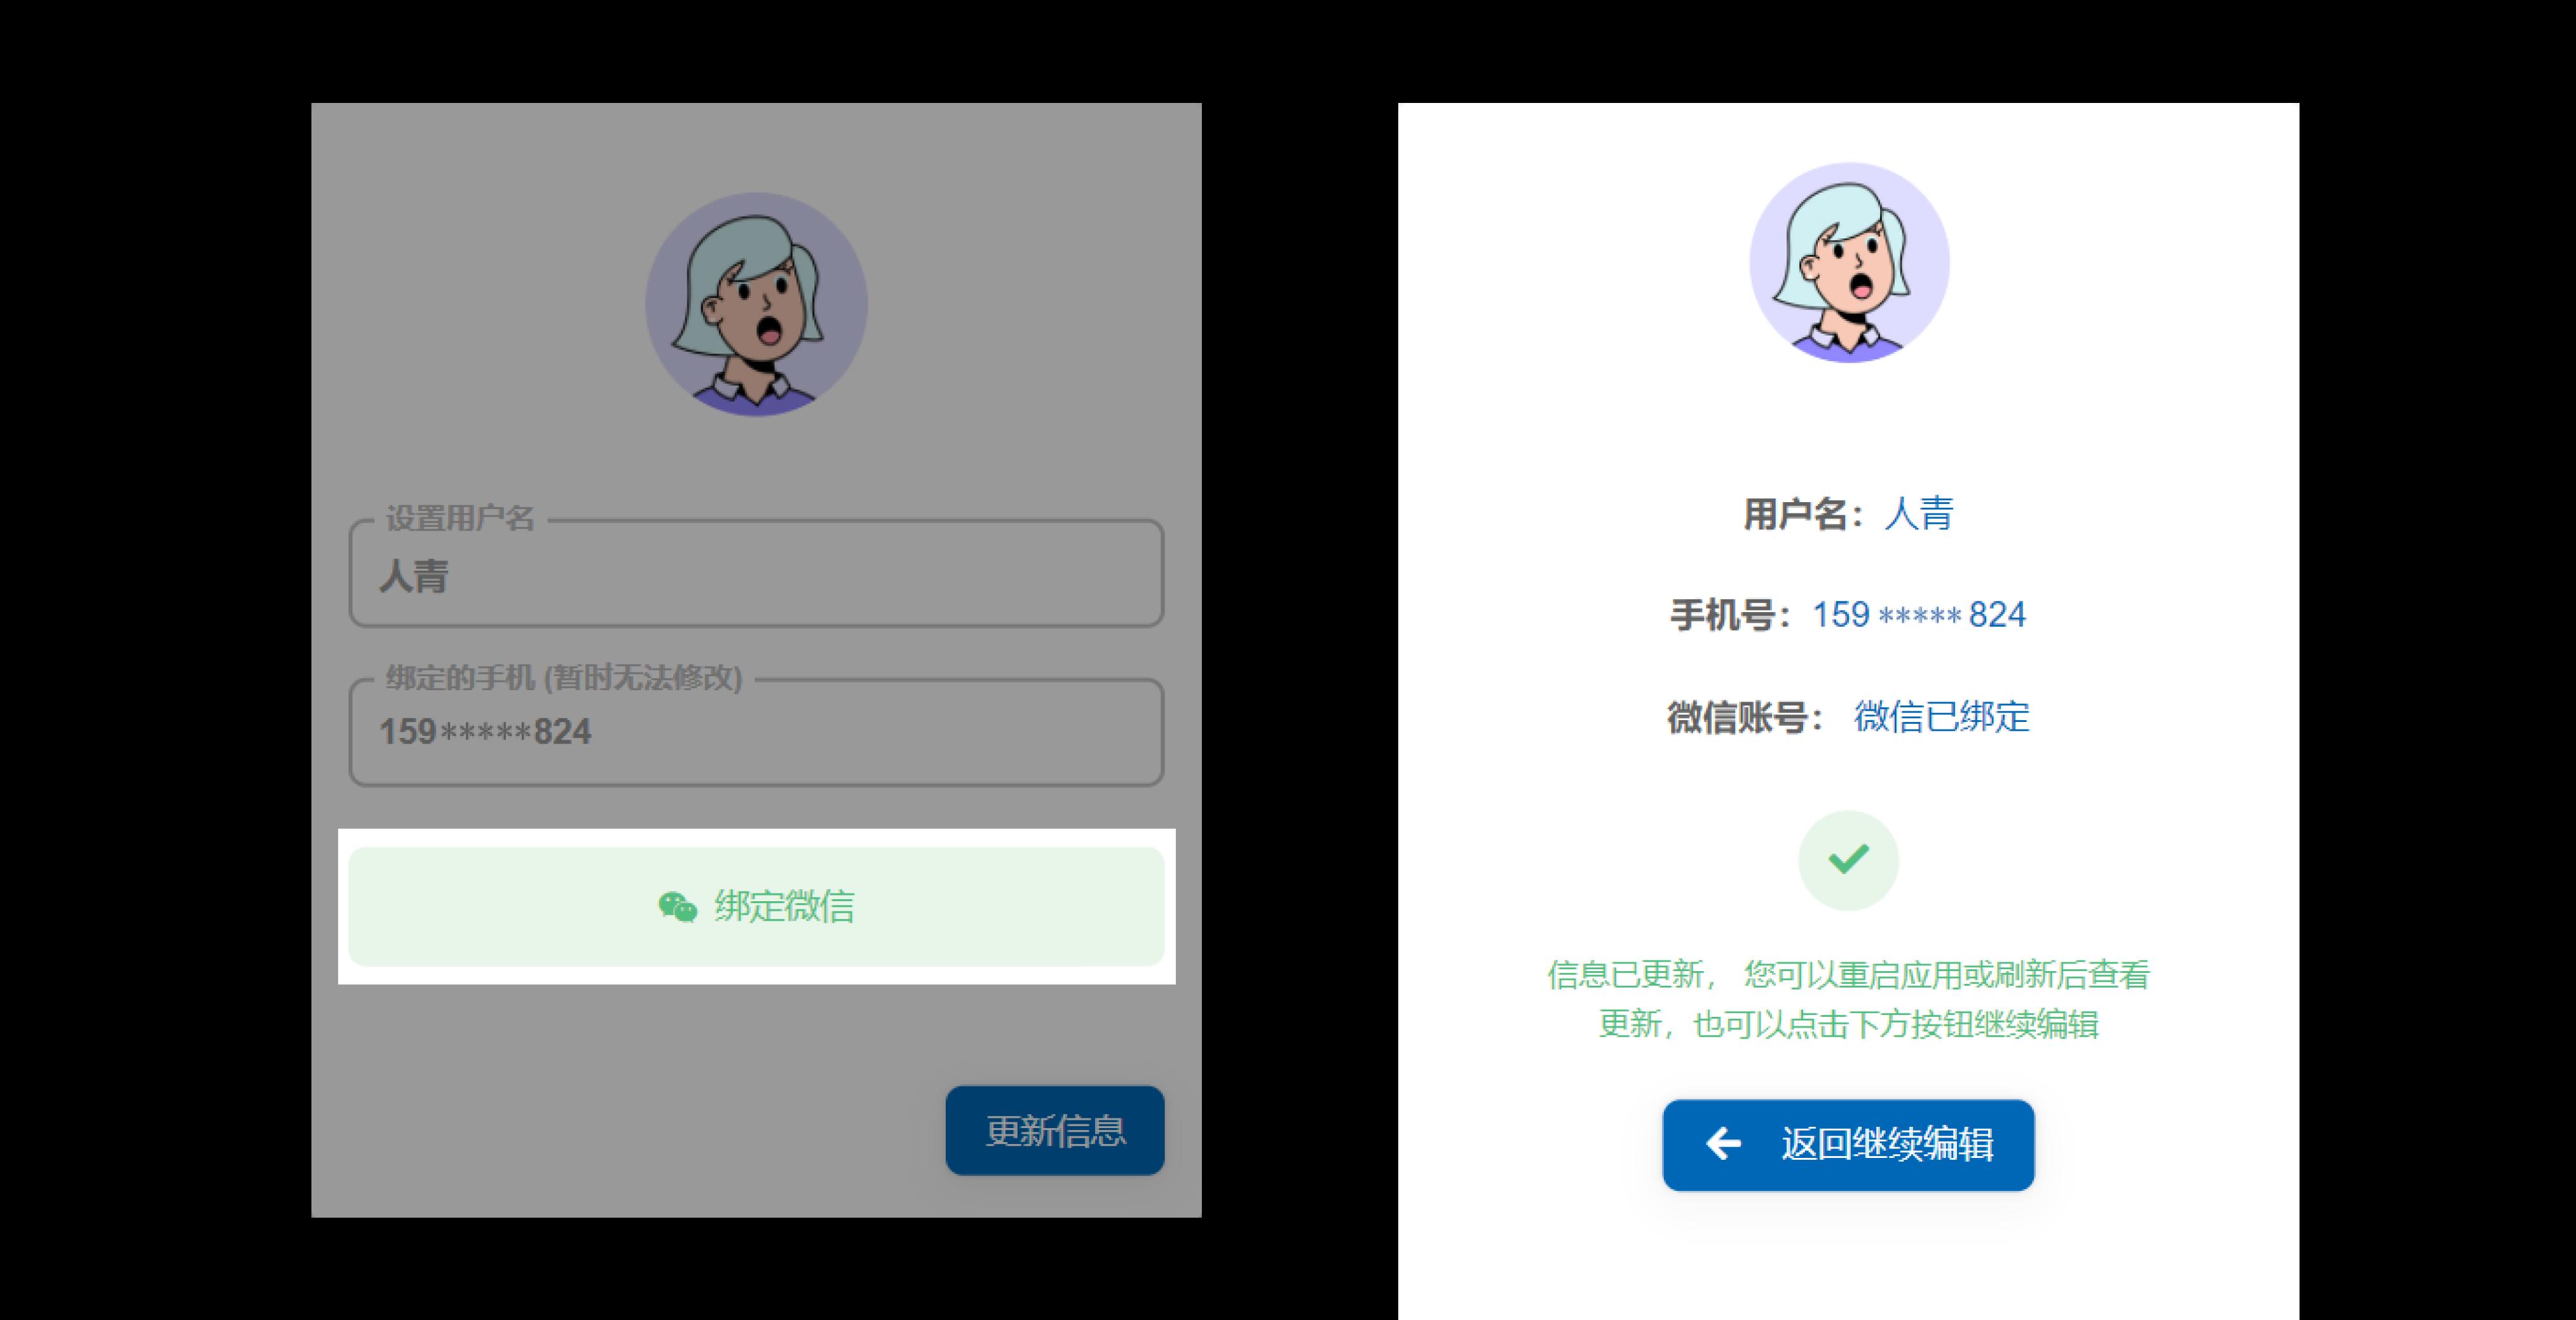 https://oss-images-qyum.oss-cn-zhangjiakou.aliyuncs.com/undefinedwave-doc-5-pic-5.png